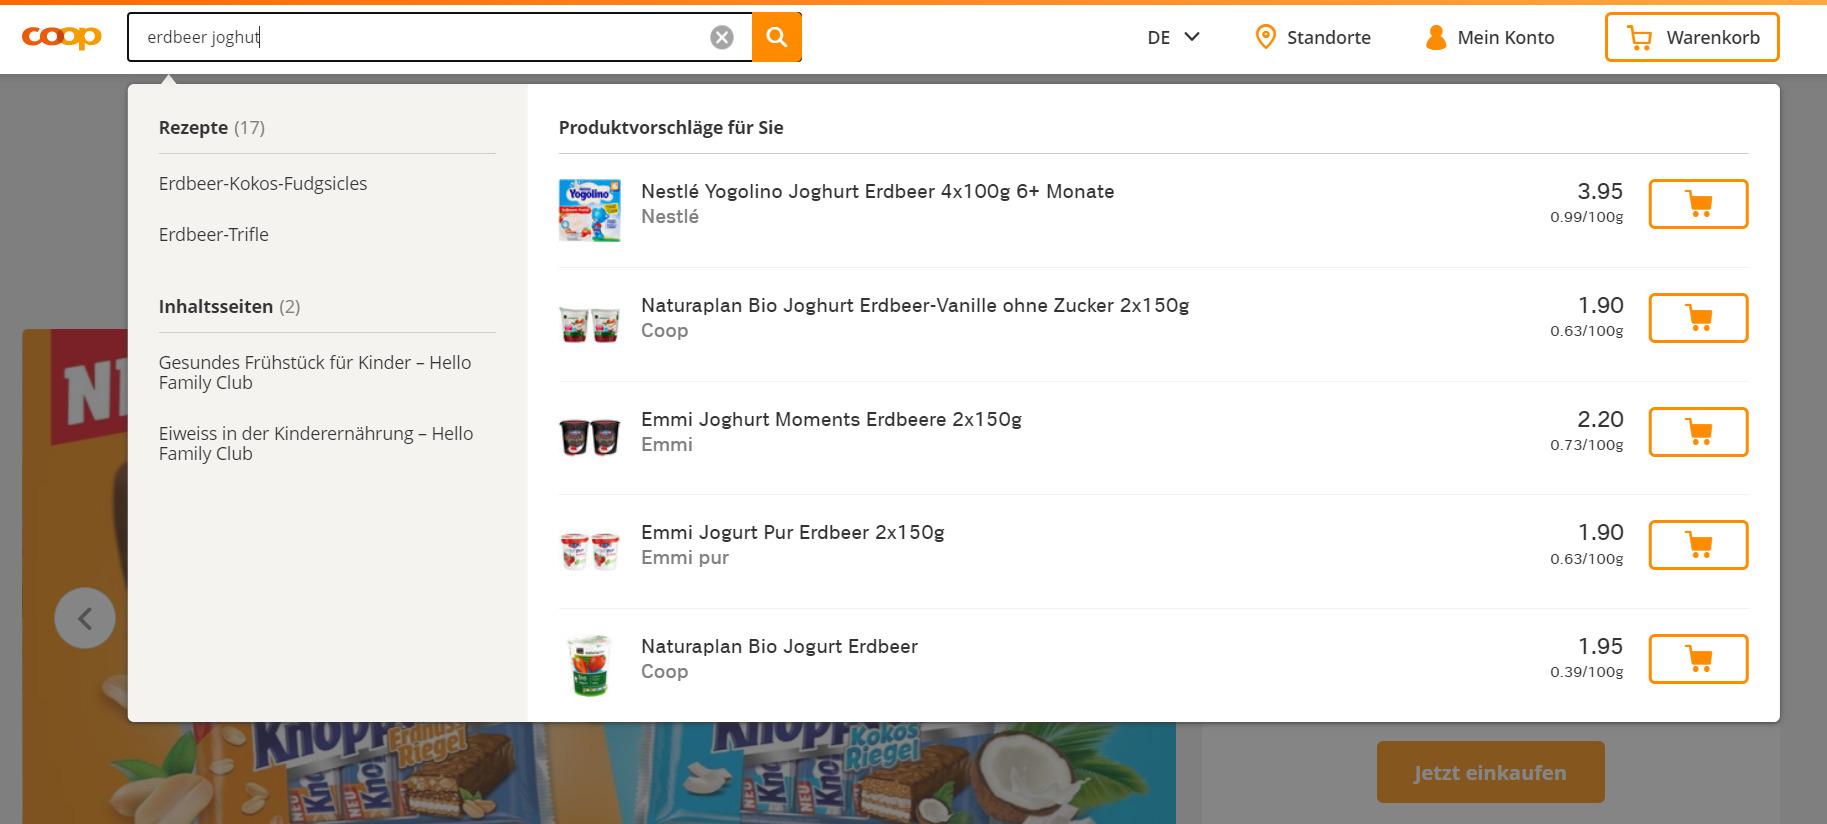 Einkaufen diekt aus den Suchresultaten / Quelle: beta.coop.ch